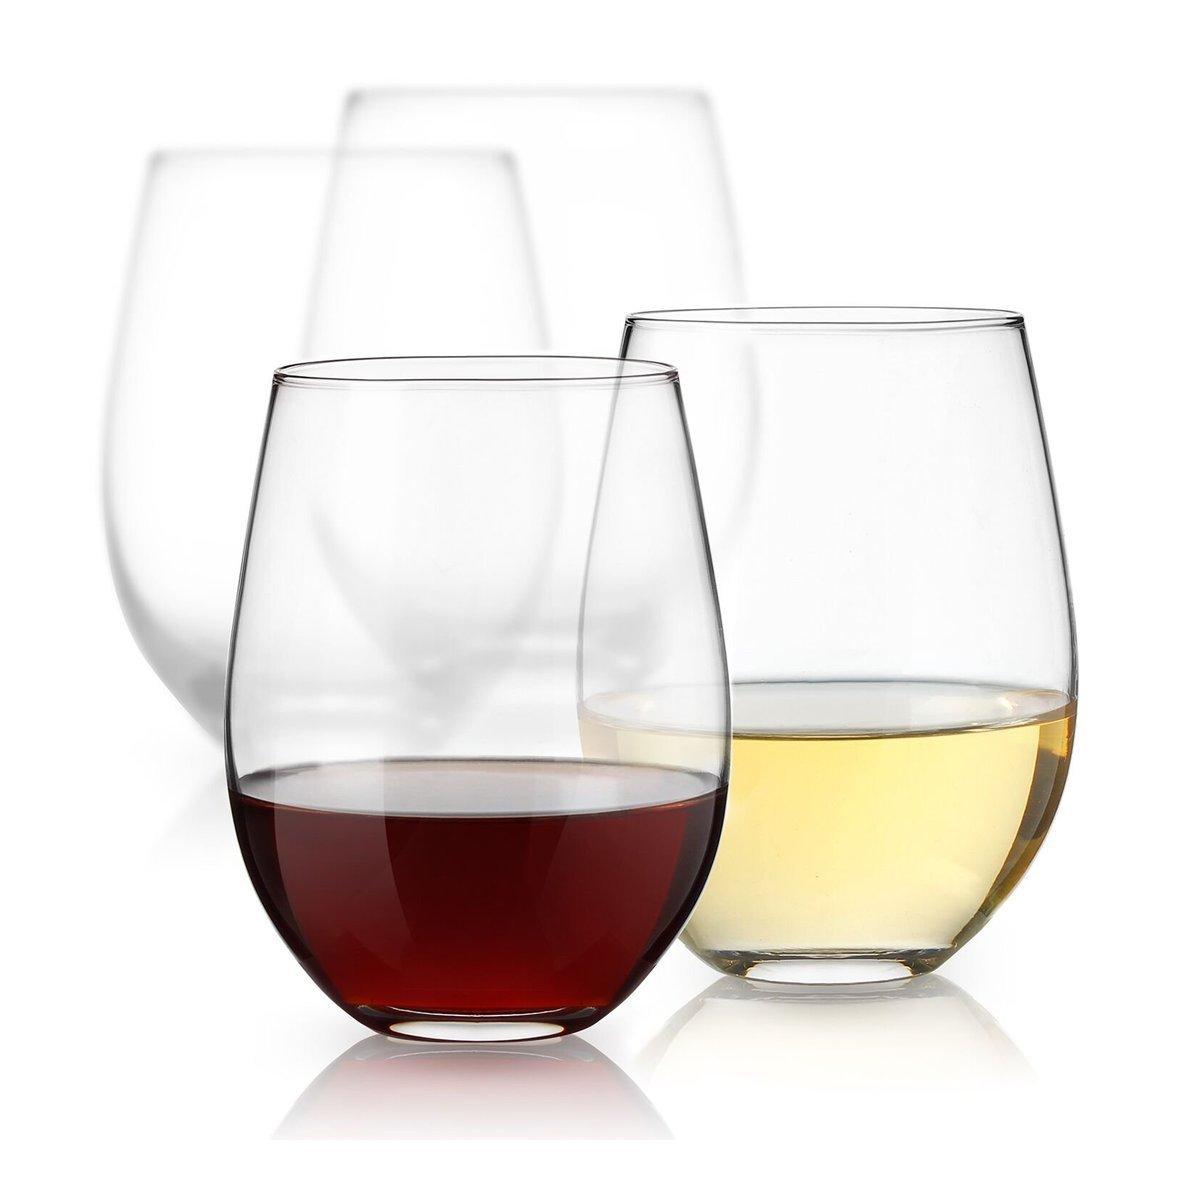 Luminarc 15 Ounce Stemless White and Red Wine Glasses, Set of 12 Tumbler Glasses Set. Best Wine Goblet Glasses Bulk. Arc International